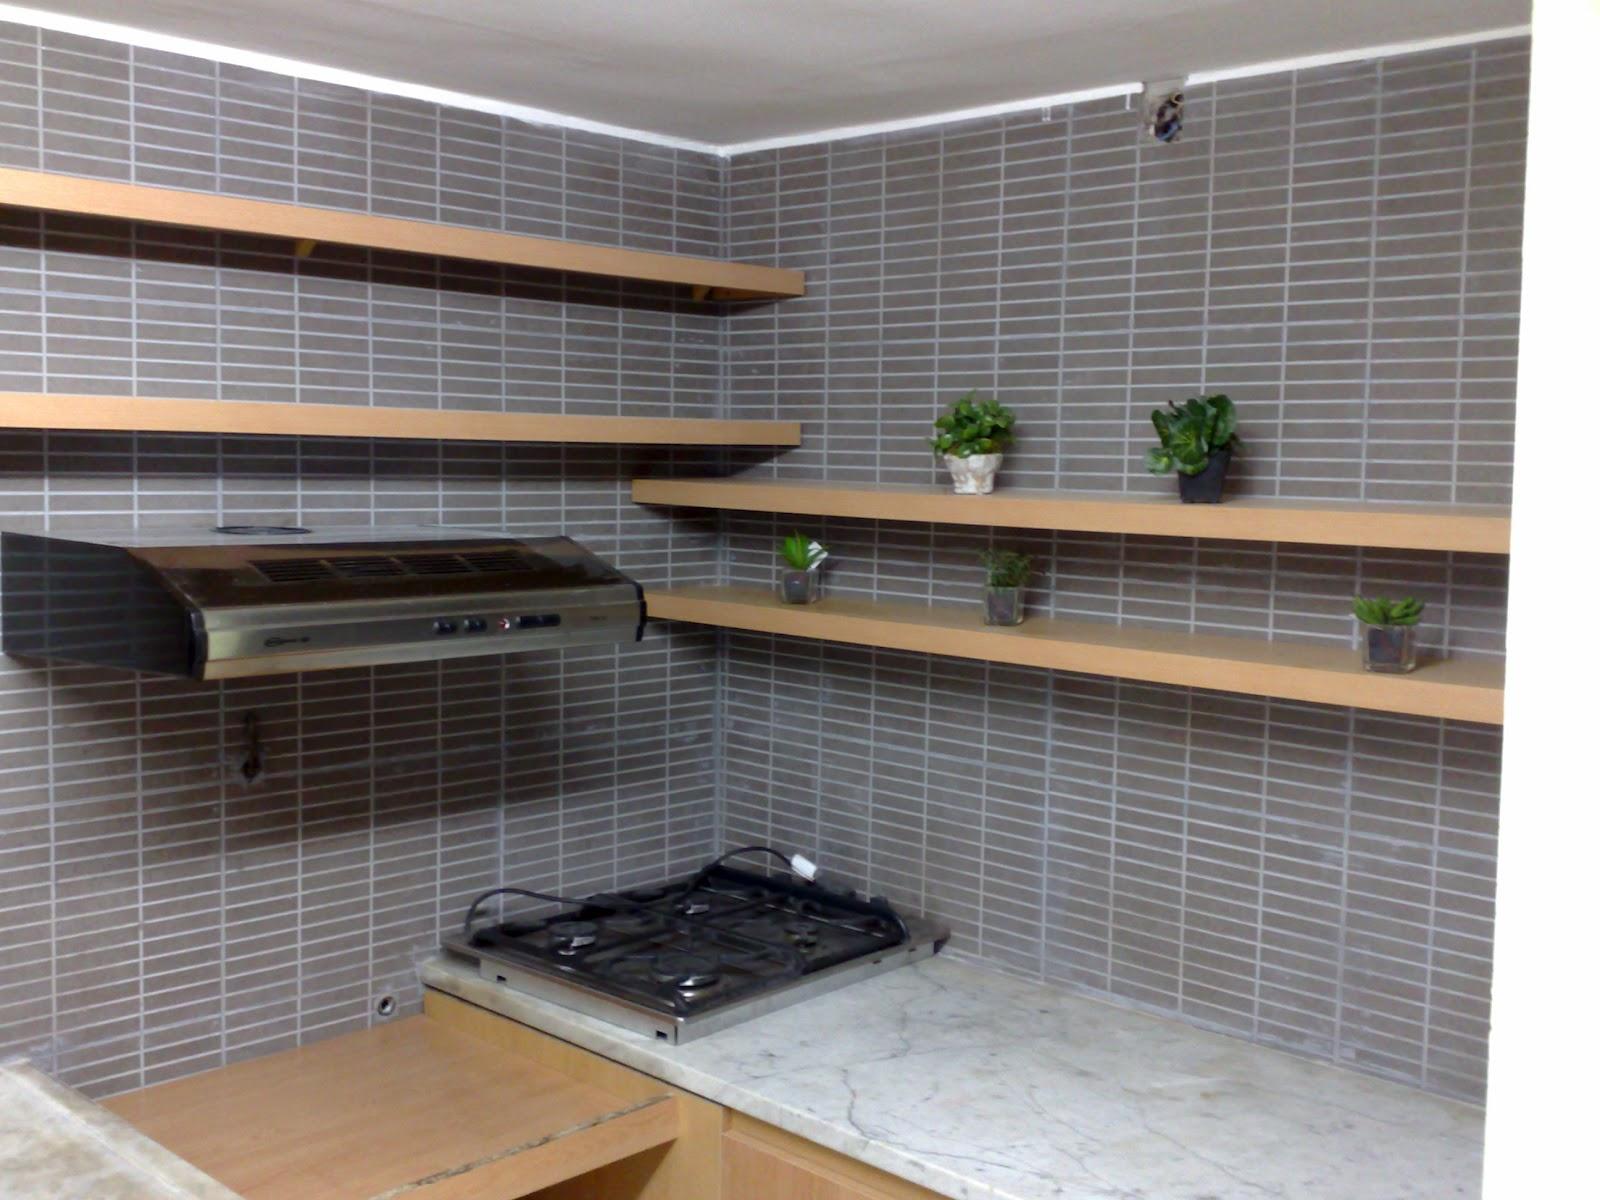 Amoblamientos cj bajo mesada y mueble con estantes y cajones - Muebles con estantes ...